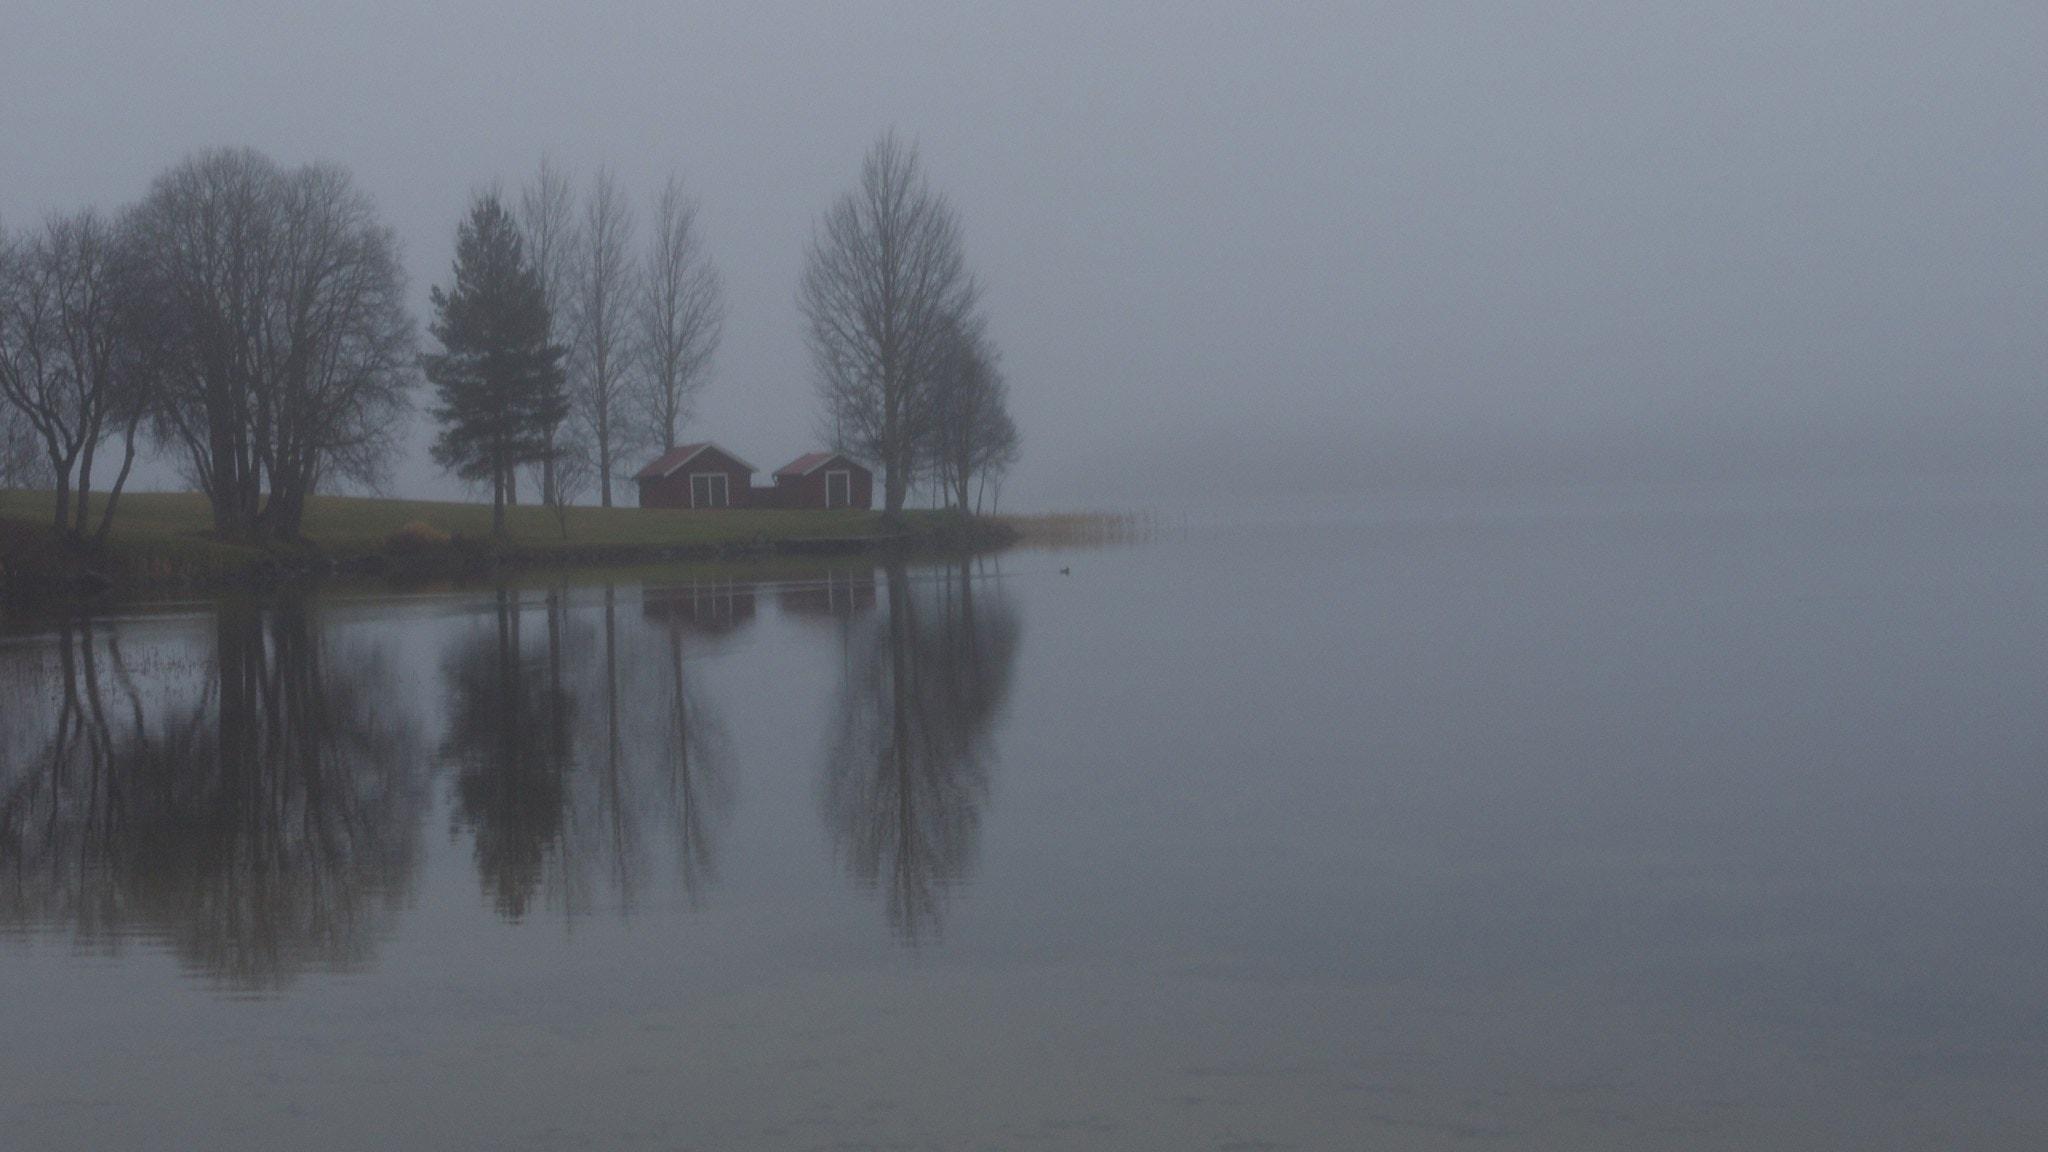 Tavelsjön i den norrländska byn Tavelsö där det sägs att både hundar och människor omkommit på grund av monstret. Foto: Anette Olofsson/SR